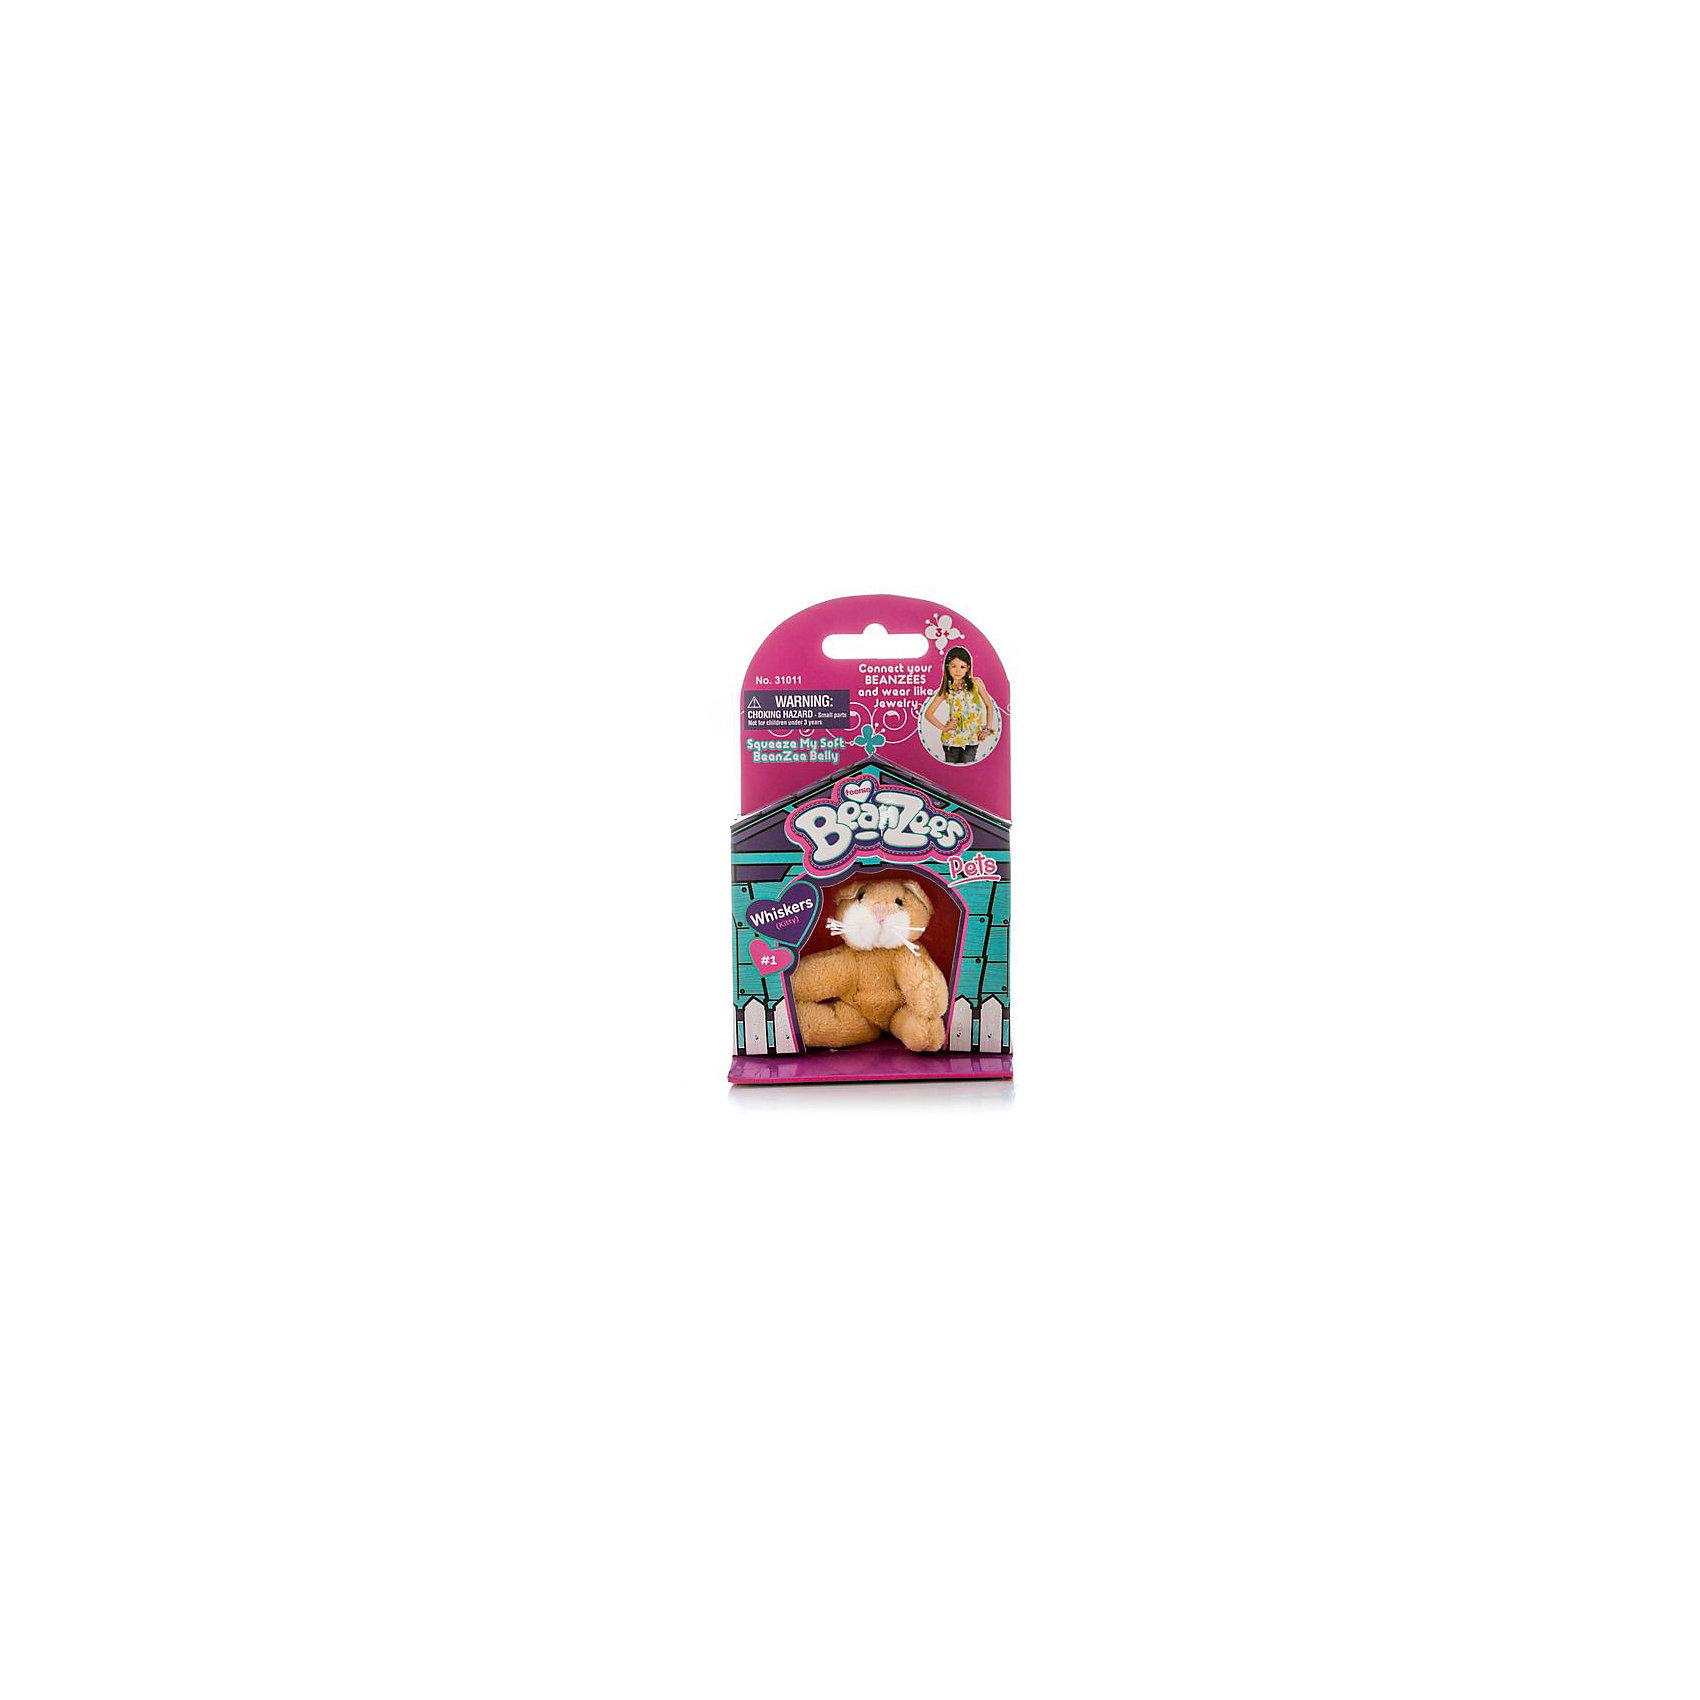 Мини-плюш Кошка, BeanzeezМягкие игрушки животные<br>Характеристики товара:<br><br>• особенности: наличие на лапках липучек, игрушку можно соединять с другими героями из серии<br>• материал: пластик, текстиль<br>• размер упаковки: 9х5,5х14,5 см.<br>• высота игрушки: 5 см<br>• возраст: от 3 лет<br>• страна бренда: США<br>• страна производства: Китай<br><br>Такая симпатичная игрушка не оставит ребенка равнодушным! Какой малыш откажется поиграть с маленькими плюшевыми игрушками из большой пушистой коллекции?! Игрушки очень качественно выполнены, поэтому такая фигурка станет отличным подарком ребенку. Благодаря липучкам на лапках животных можно соединить между собой. Дети приходят в восторг от этих игрушек!<br>Такие предметы помогают ребенку отрабатывать новые навыки и способности - развивать ловкость, мелкую моторику, воображение, мышление, логику. Изделие производится из качественных сертифицированных материалов, безопасных даже для самых маленьких.<br><br>Мини-плюш Кошка от бренда Beanzeez можно купить в нашем интернет-магазине.<br><br>Ширина мм: 50<br>Глубина мм: 140<br>Высота мм: 85<br>Вес г: 73<br>Возраст от месяцев: 36<br>Возраст до месяцев: 2147483647<br>Пол: Женский<br>Возраст: Детский<br>SKU: 5218664